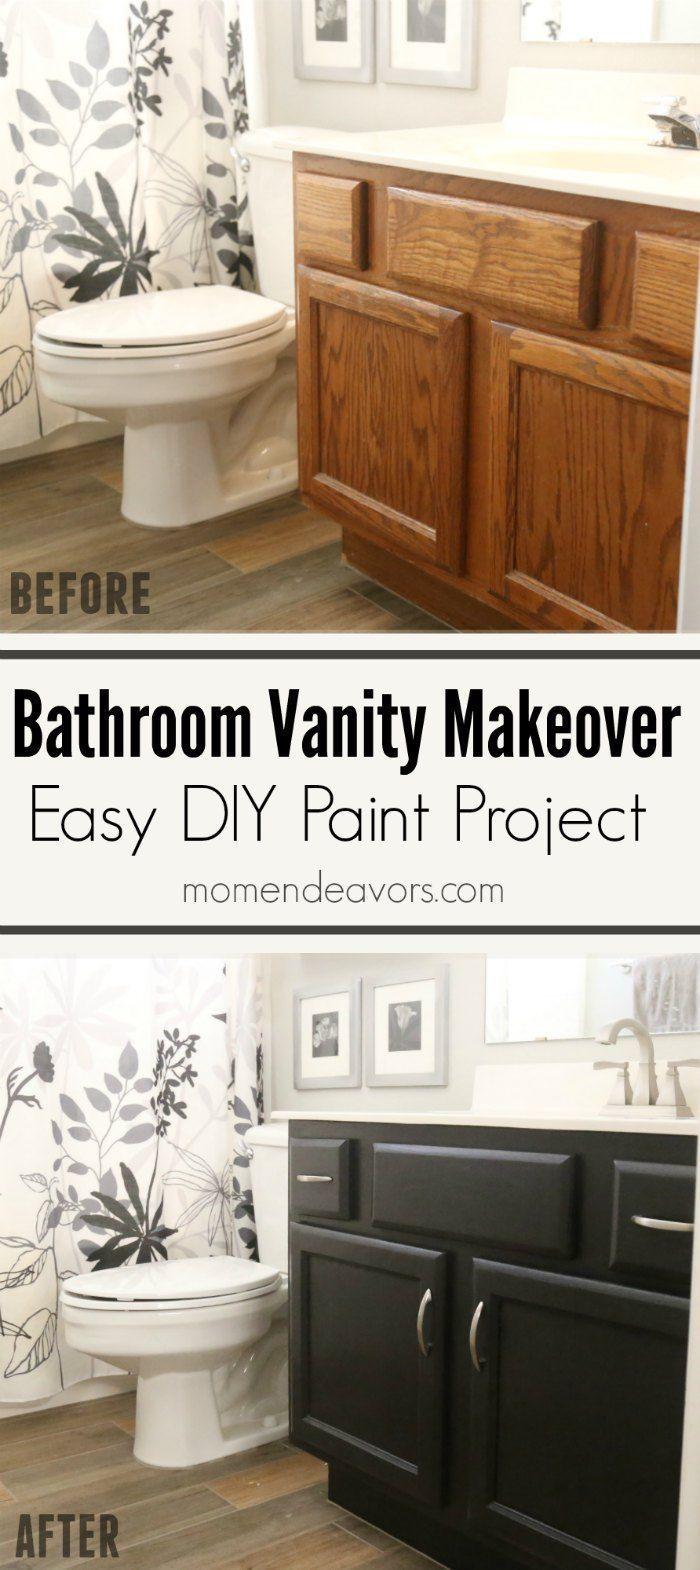 Best 25 Painting Bathroom Vanities Ideas On Pinterest Diy Bathroom Paint Diy Bathroom